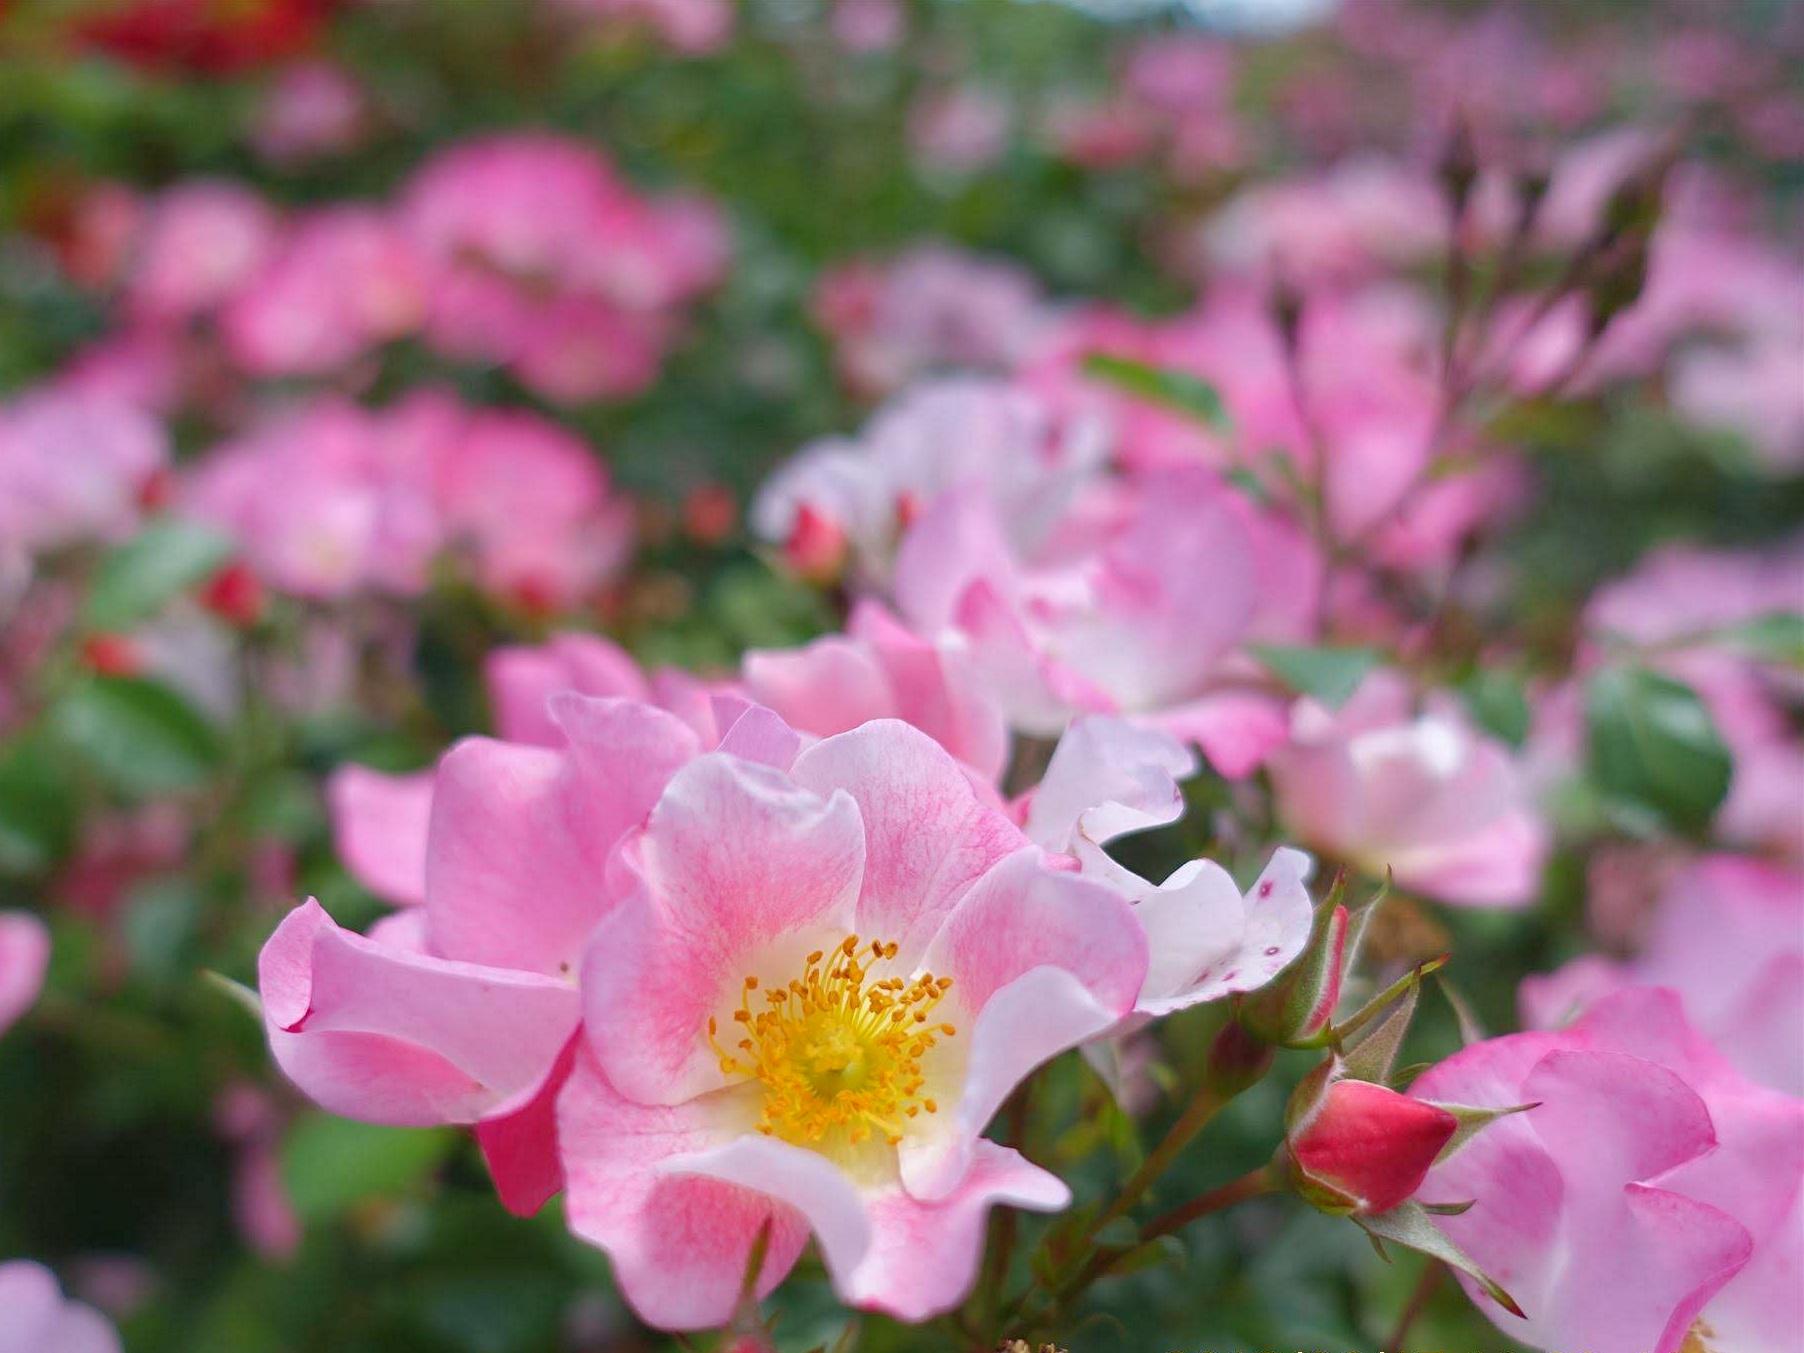 【まとめ】山形の花まつり 第二弾 6月~7月|休日は美しい花が咲く公園へ!